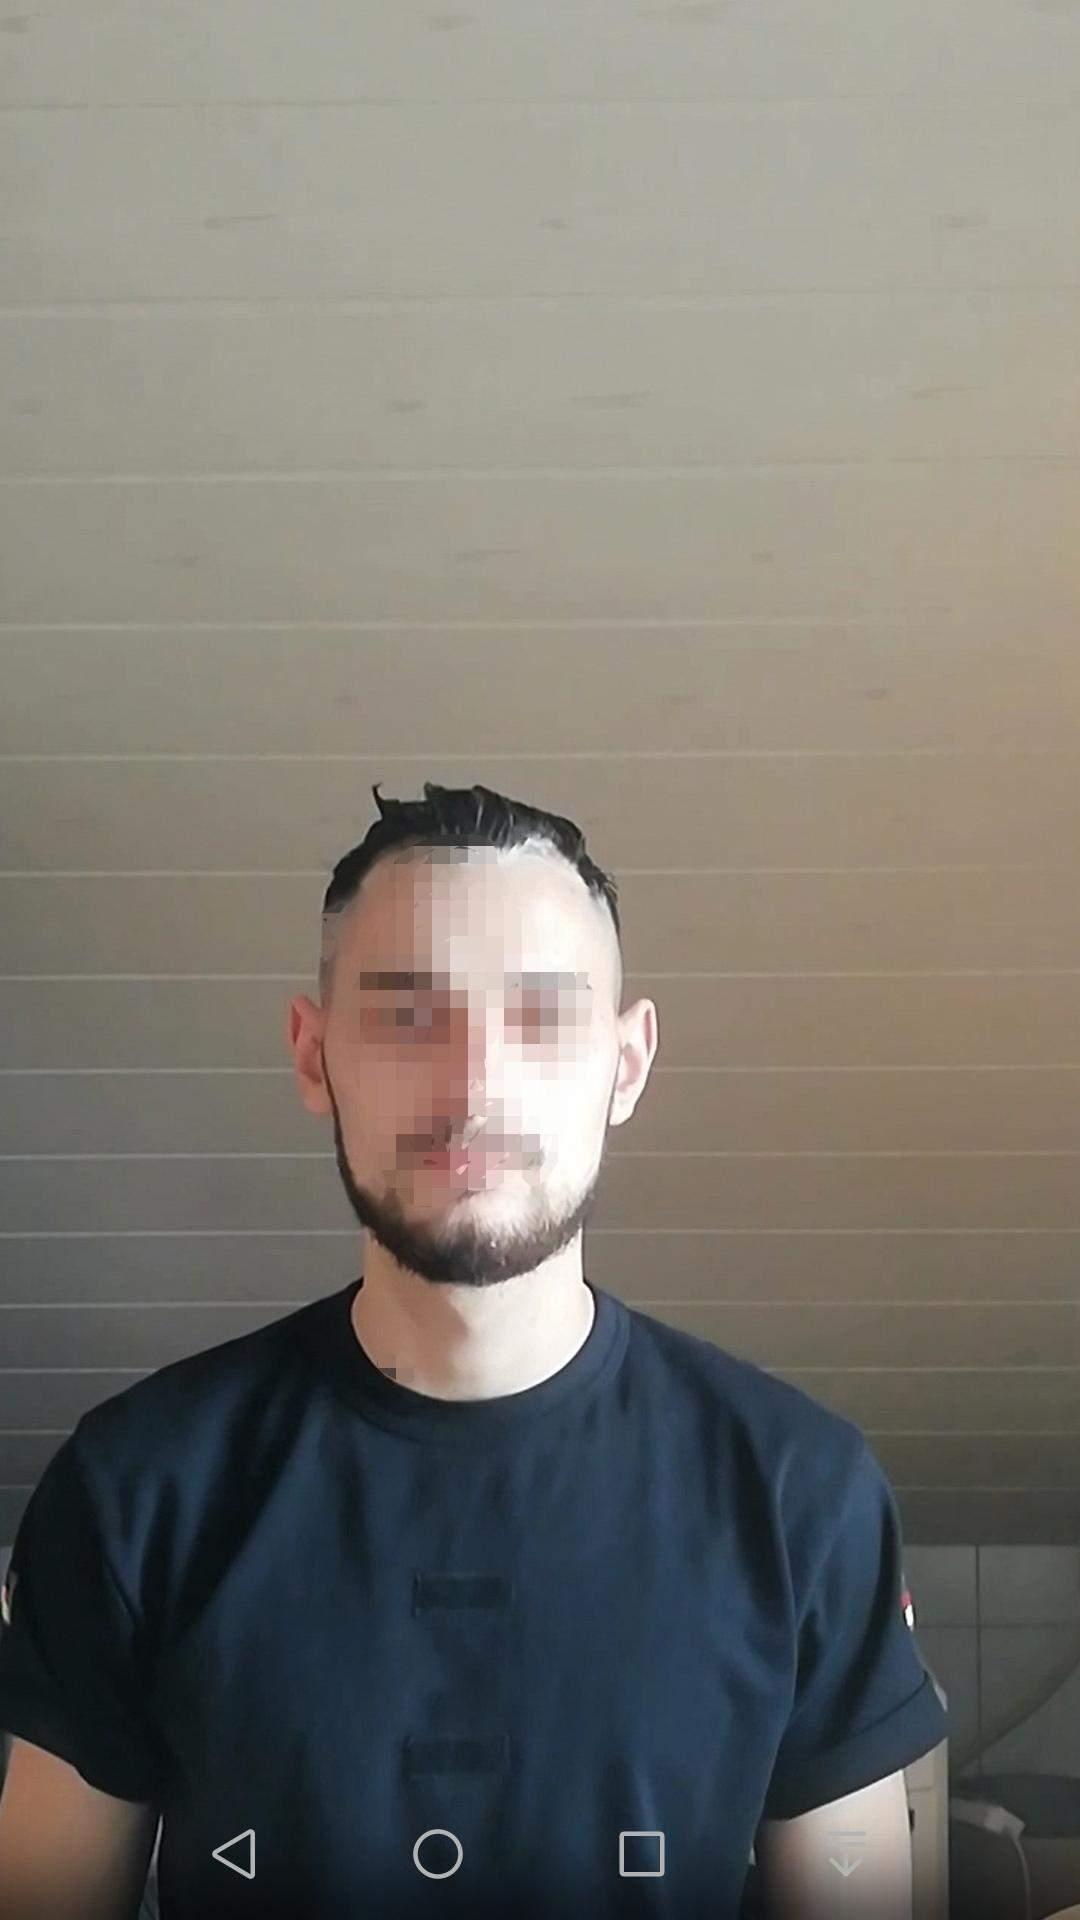 Männer segelohren frisuren Schöne Frisuren